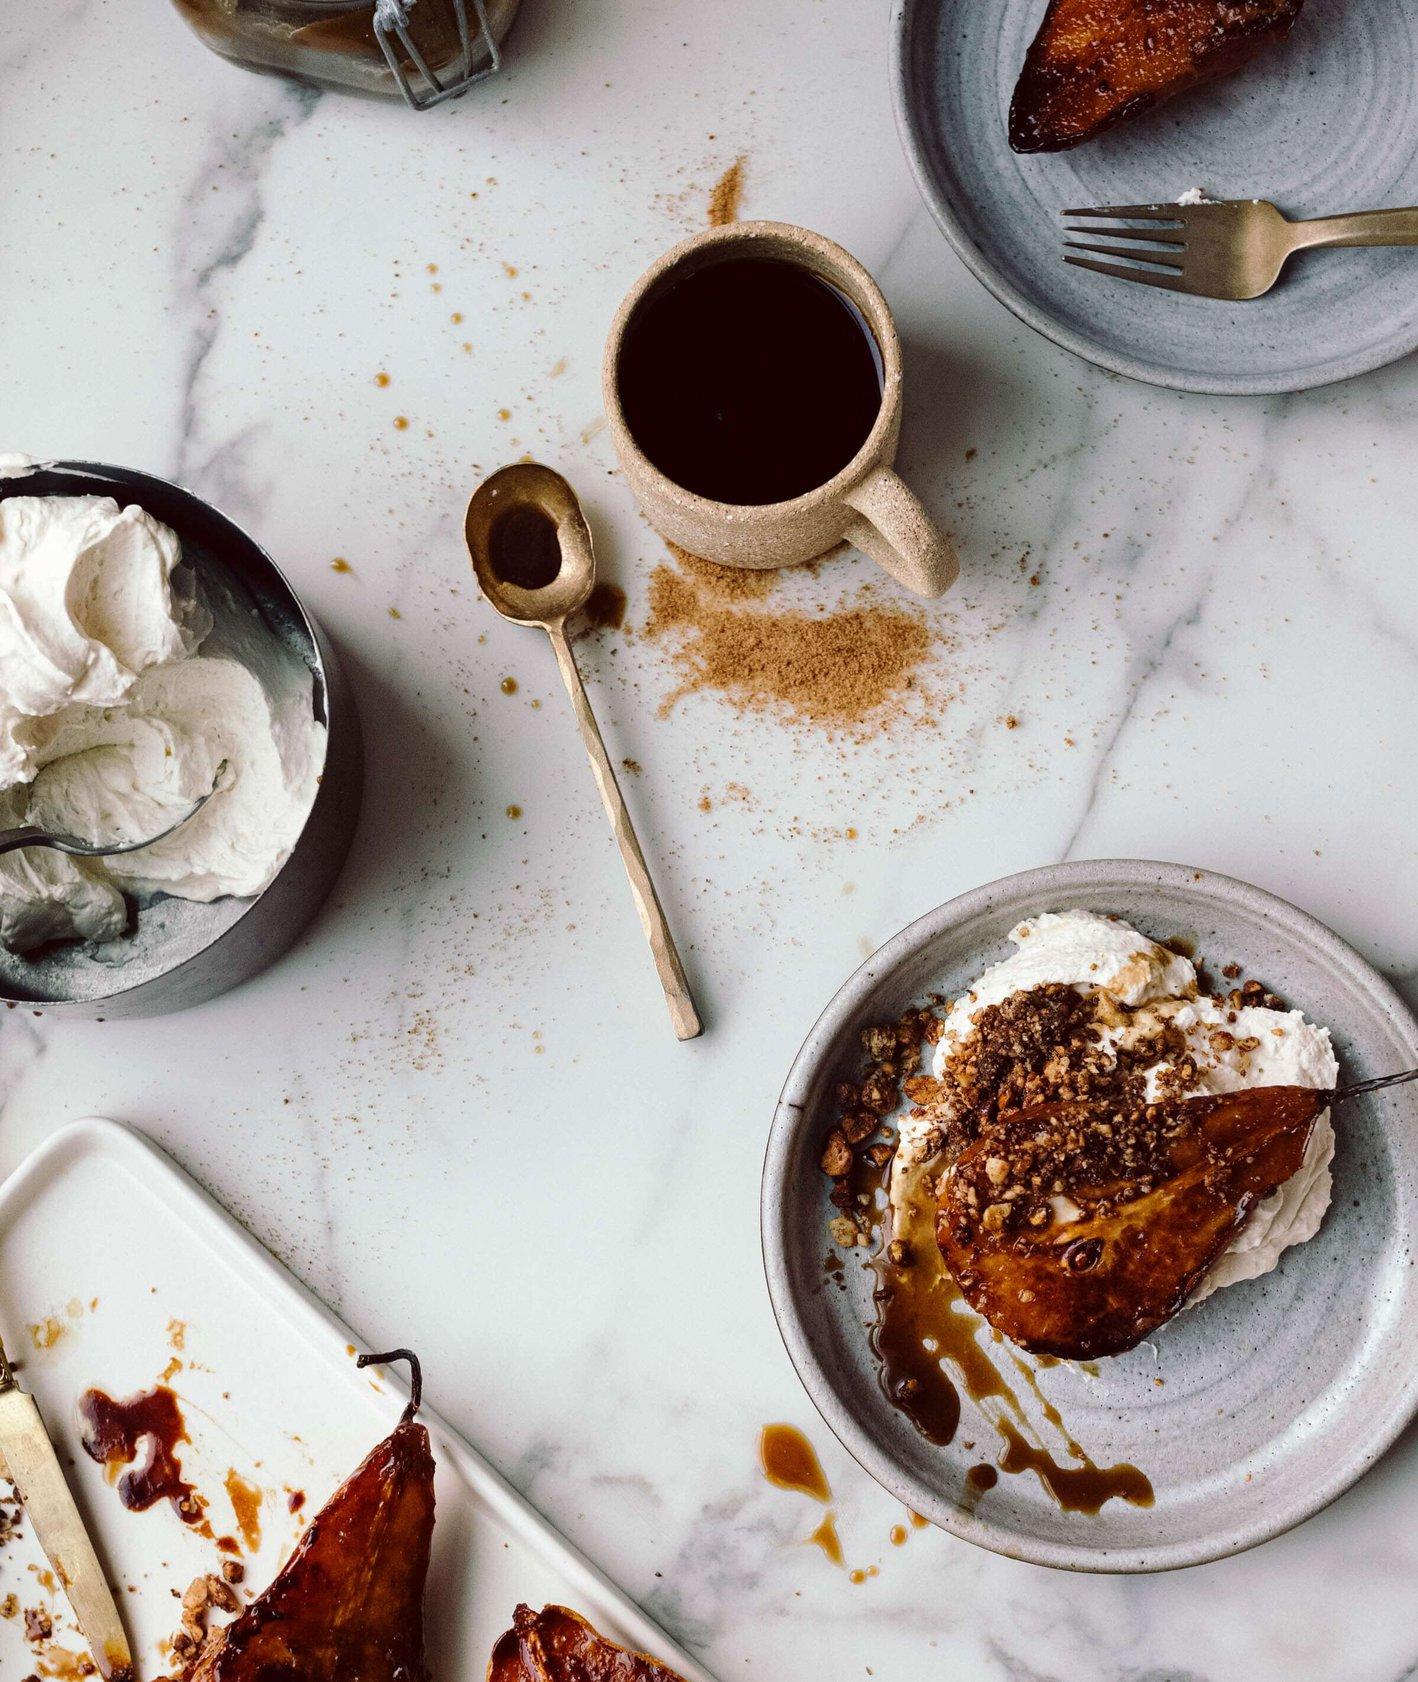 Jakie błędy popełniamy w kuchni? (fot. Christiann Koepke / unsplash.com)